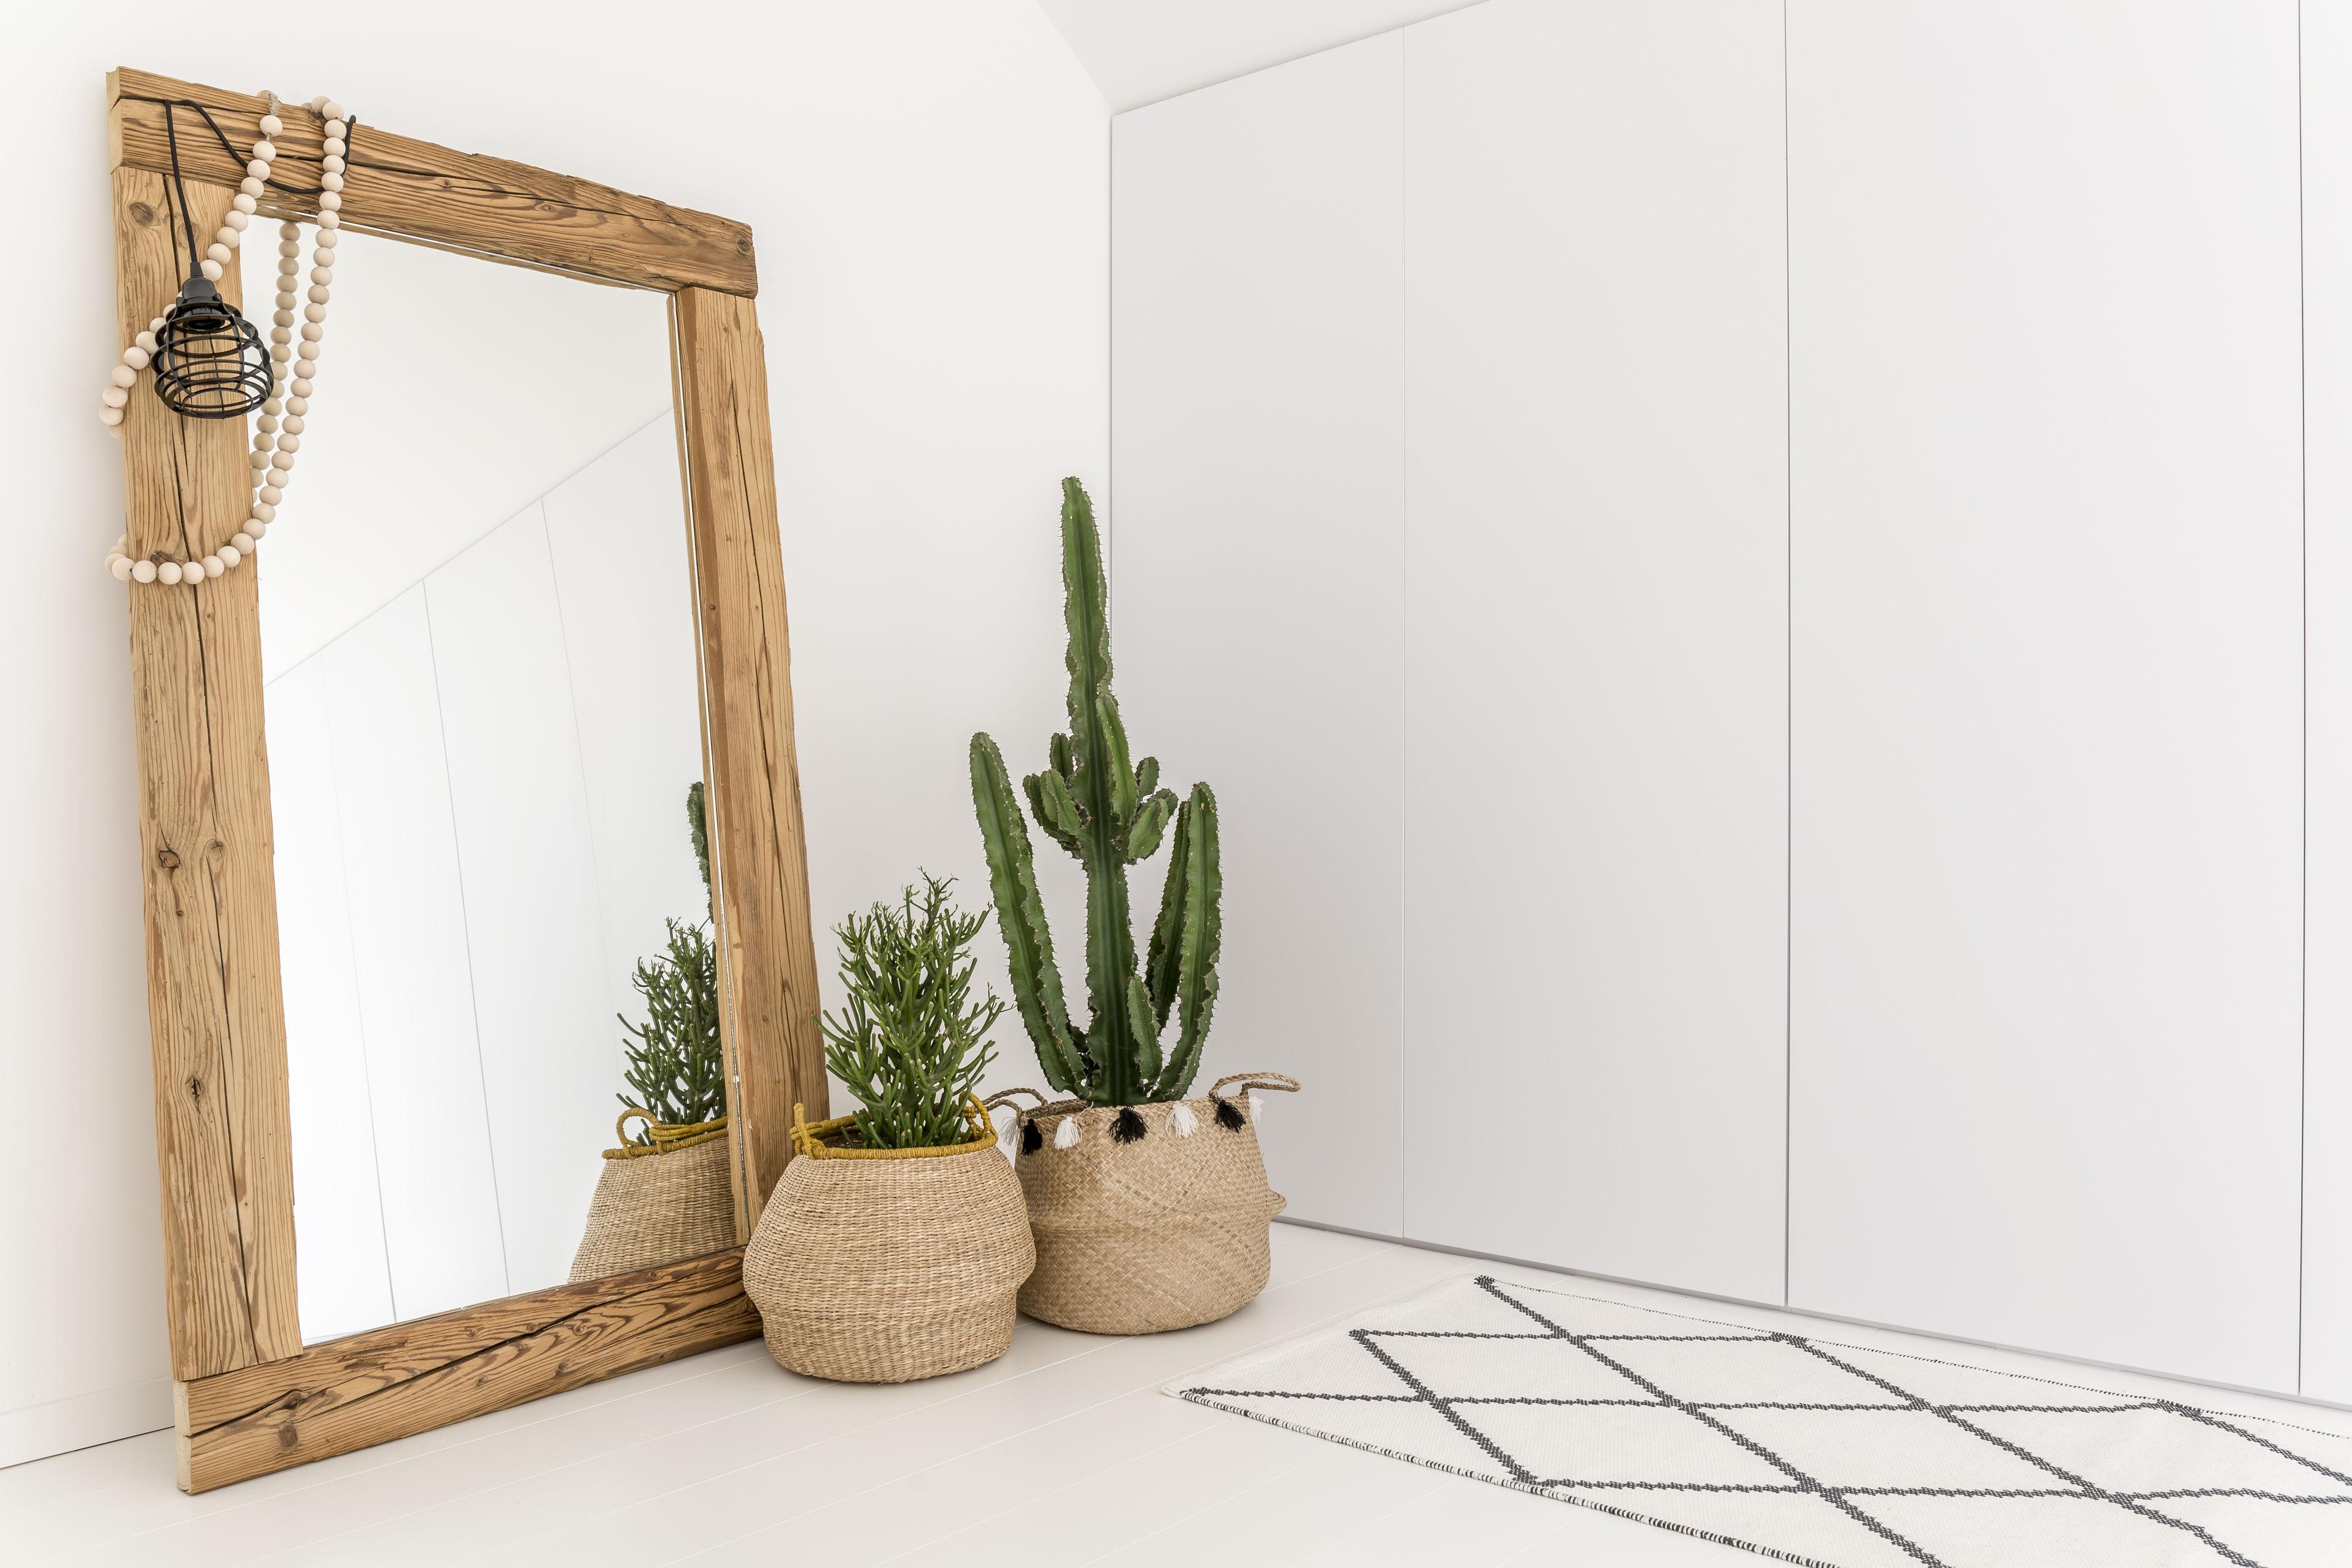 Comment oser l 39 osier dans votre d coration le mag visiondeco for Decoration osier pour jardin